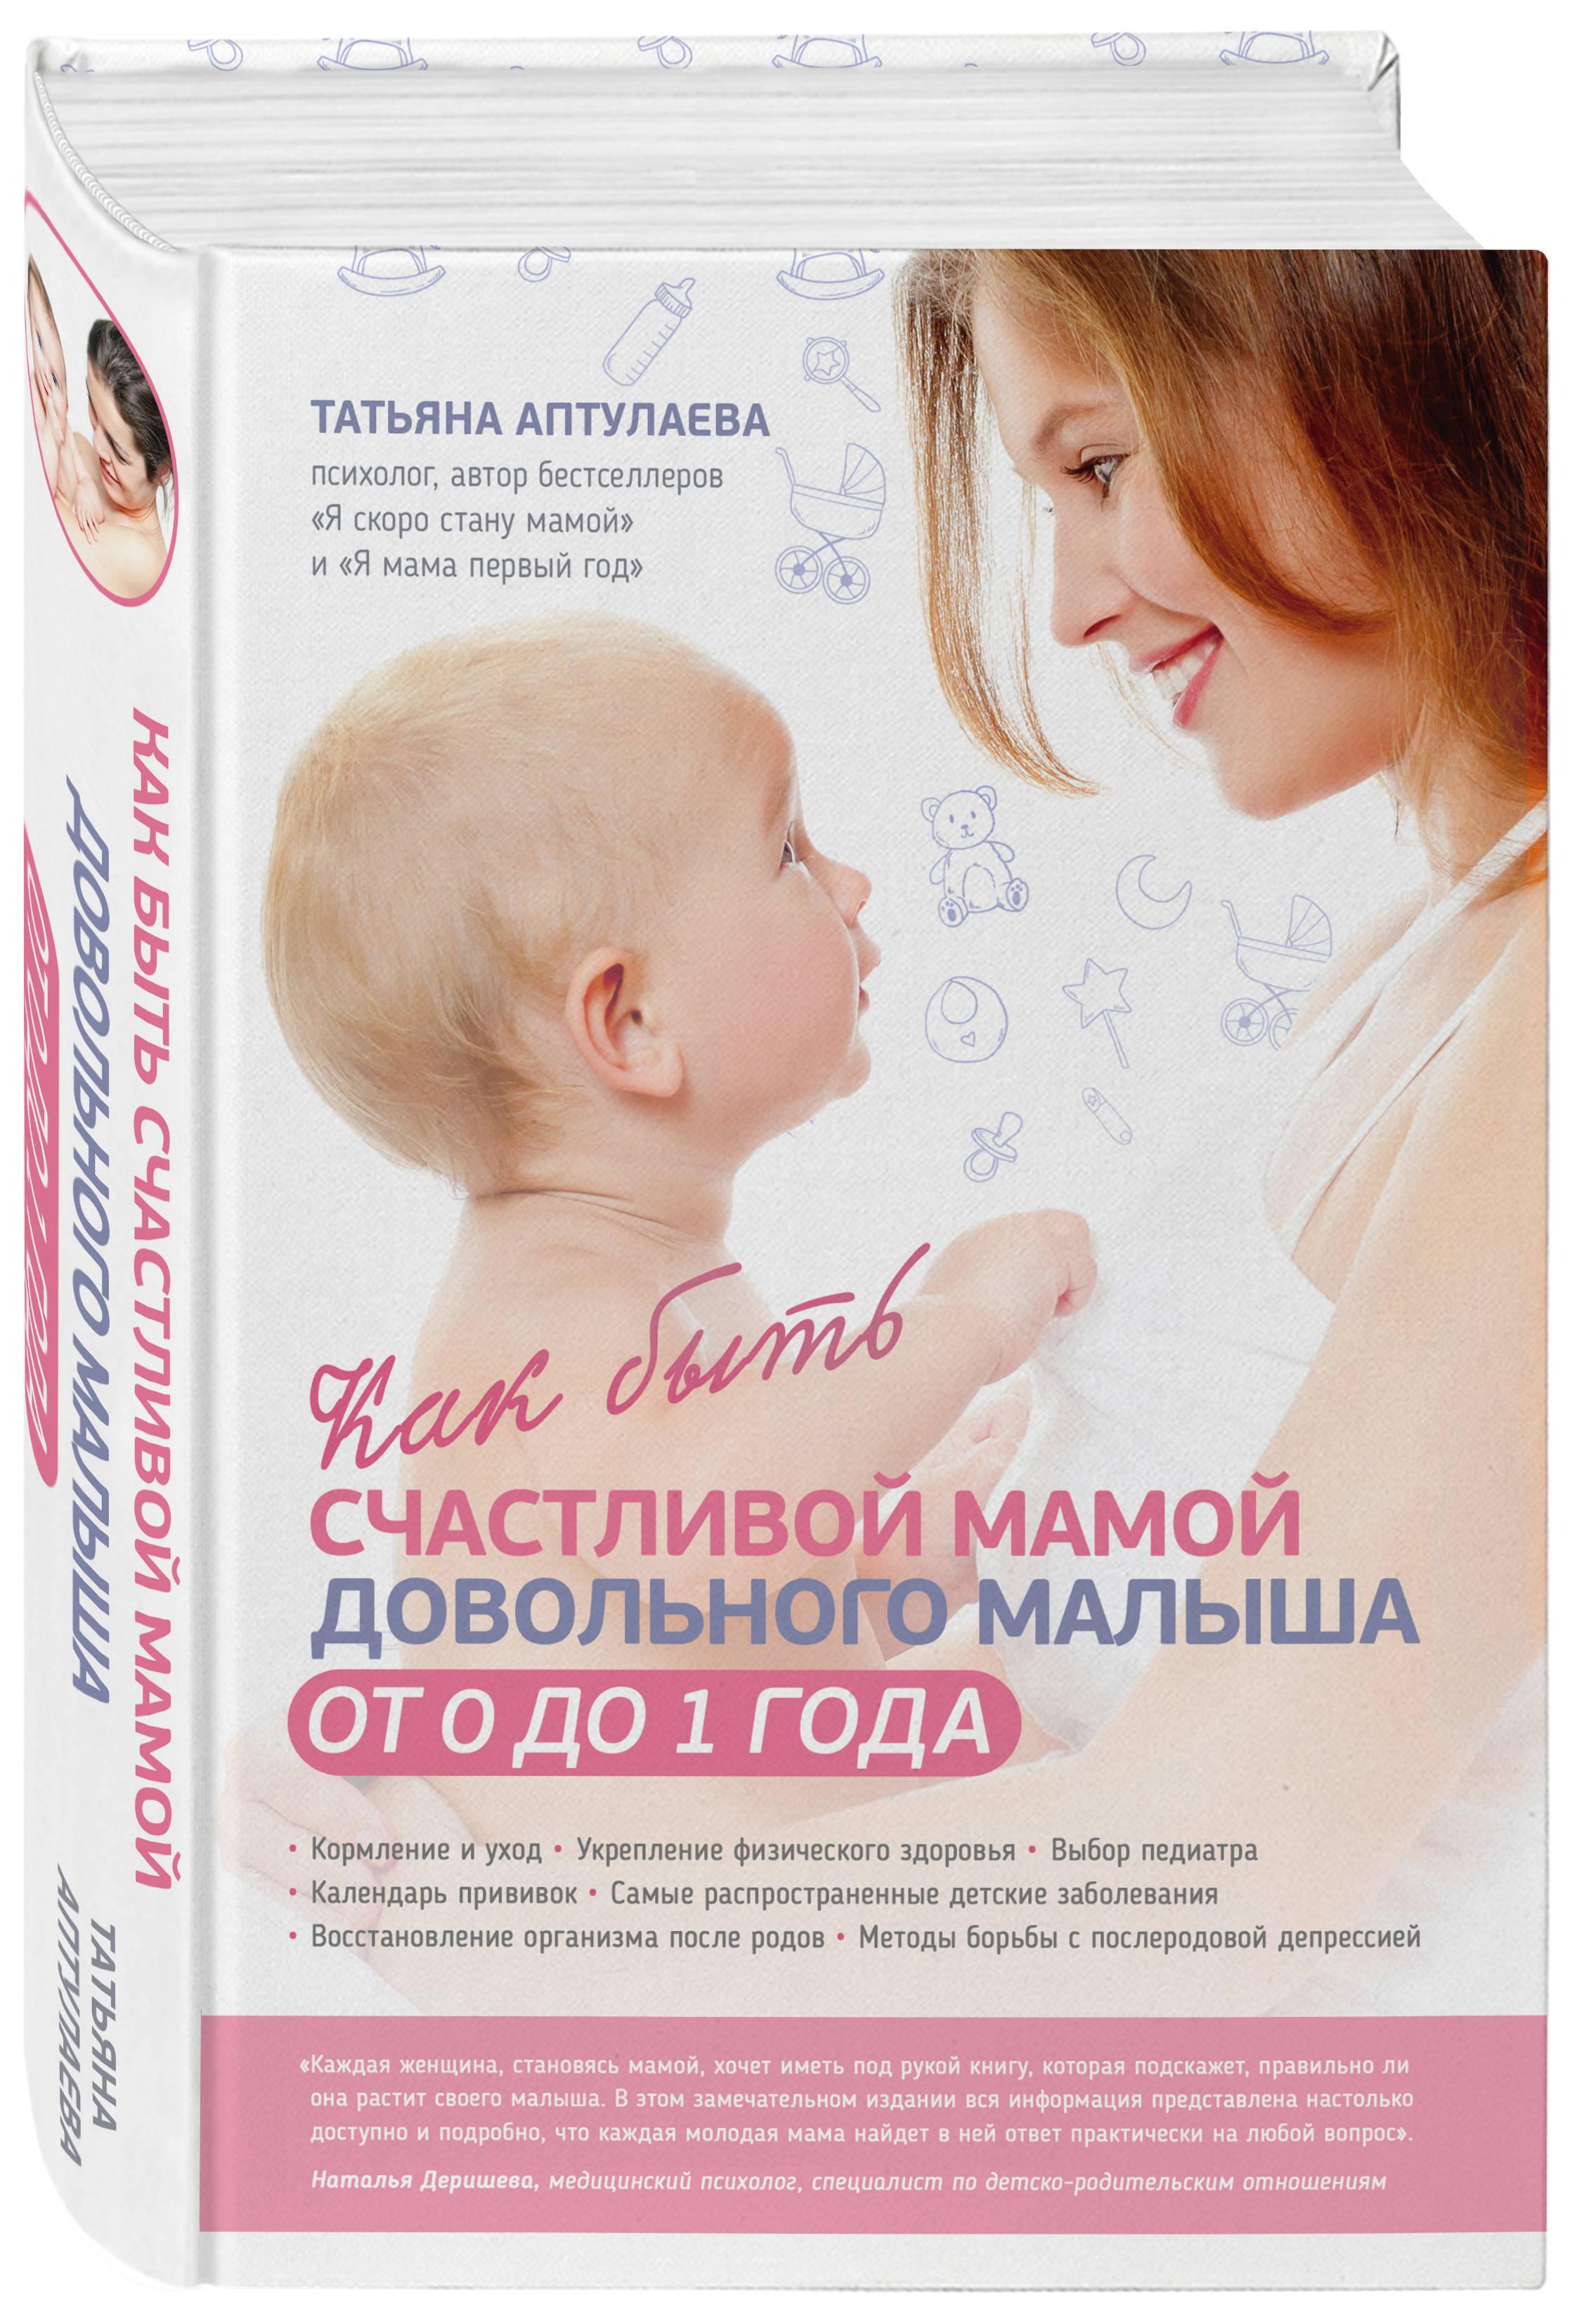 Аптулаева Т.Г. Как быть счастливой мамой довольного малыша от 0 до 1 года лиана димитрошкина как выстроить отношения с мамой и установить с ней дистанцию за 15 шагов книга тренинг